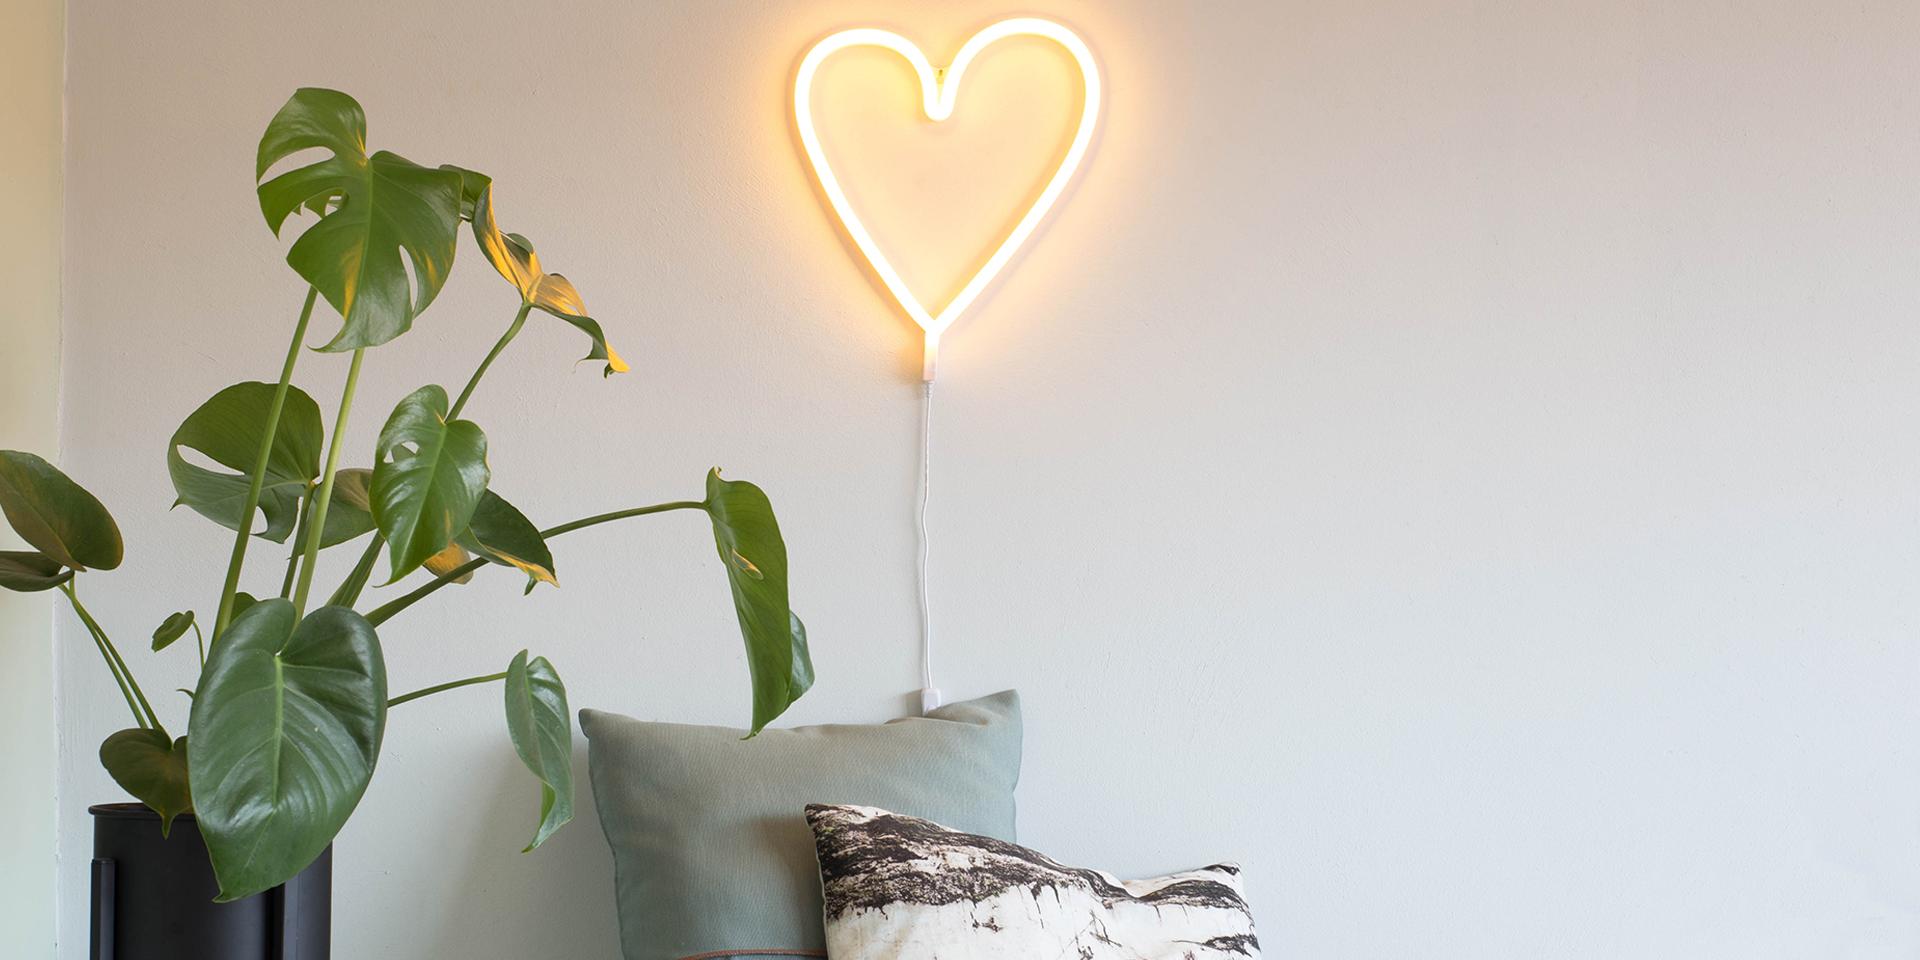 自宅用の光の文字:アートと照明をつなぐネオンライト